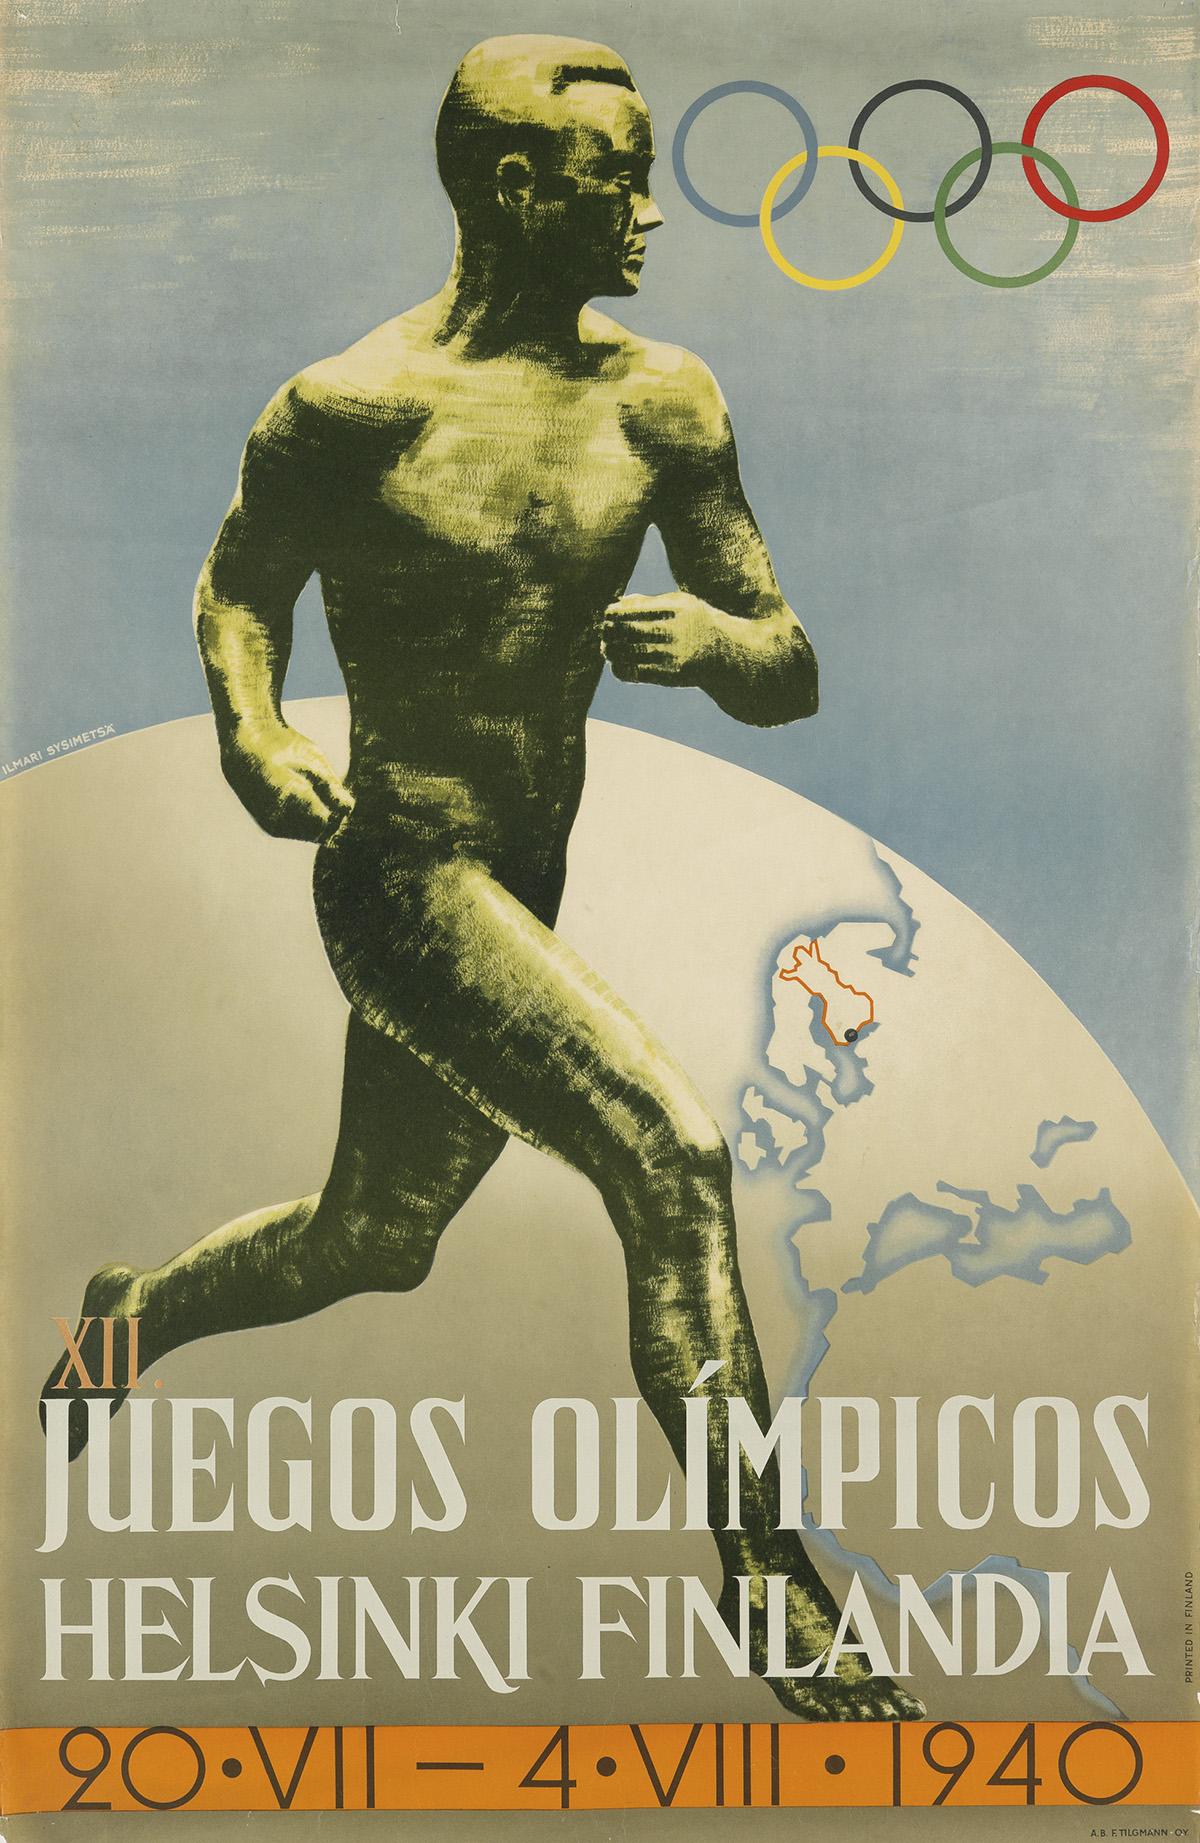 ILMARI SYSIMETSÃ (1912-1955). XII. JUEGOS OLÍMPICOS / HELSINKI FINLANDIA. 1940. 38x25 inches, 97x63 cm. Oy. Tilgmann AB, [Helsinki.]